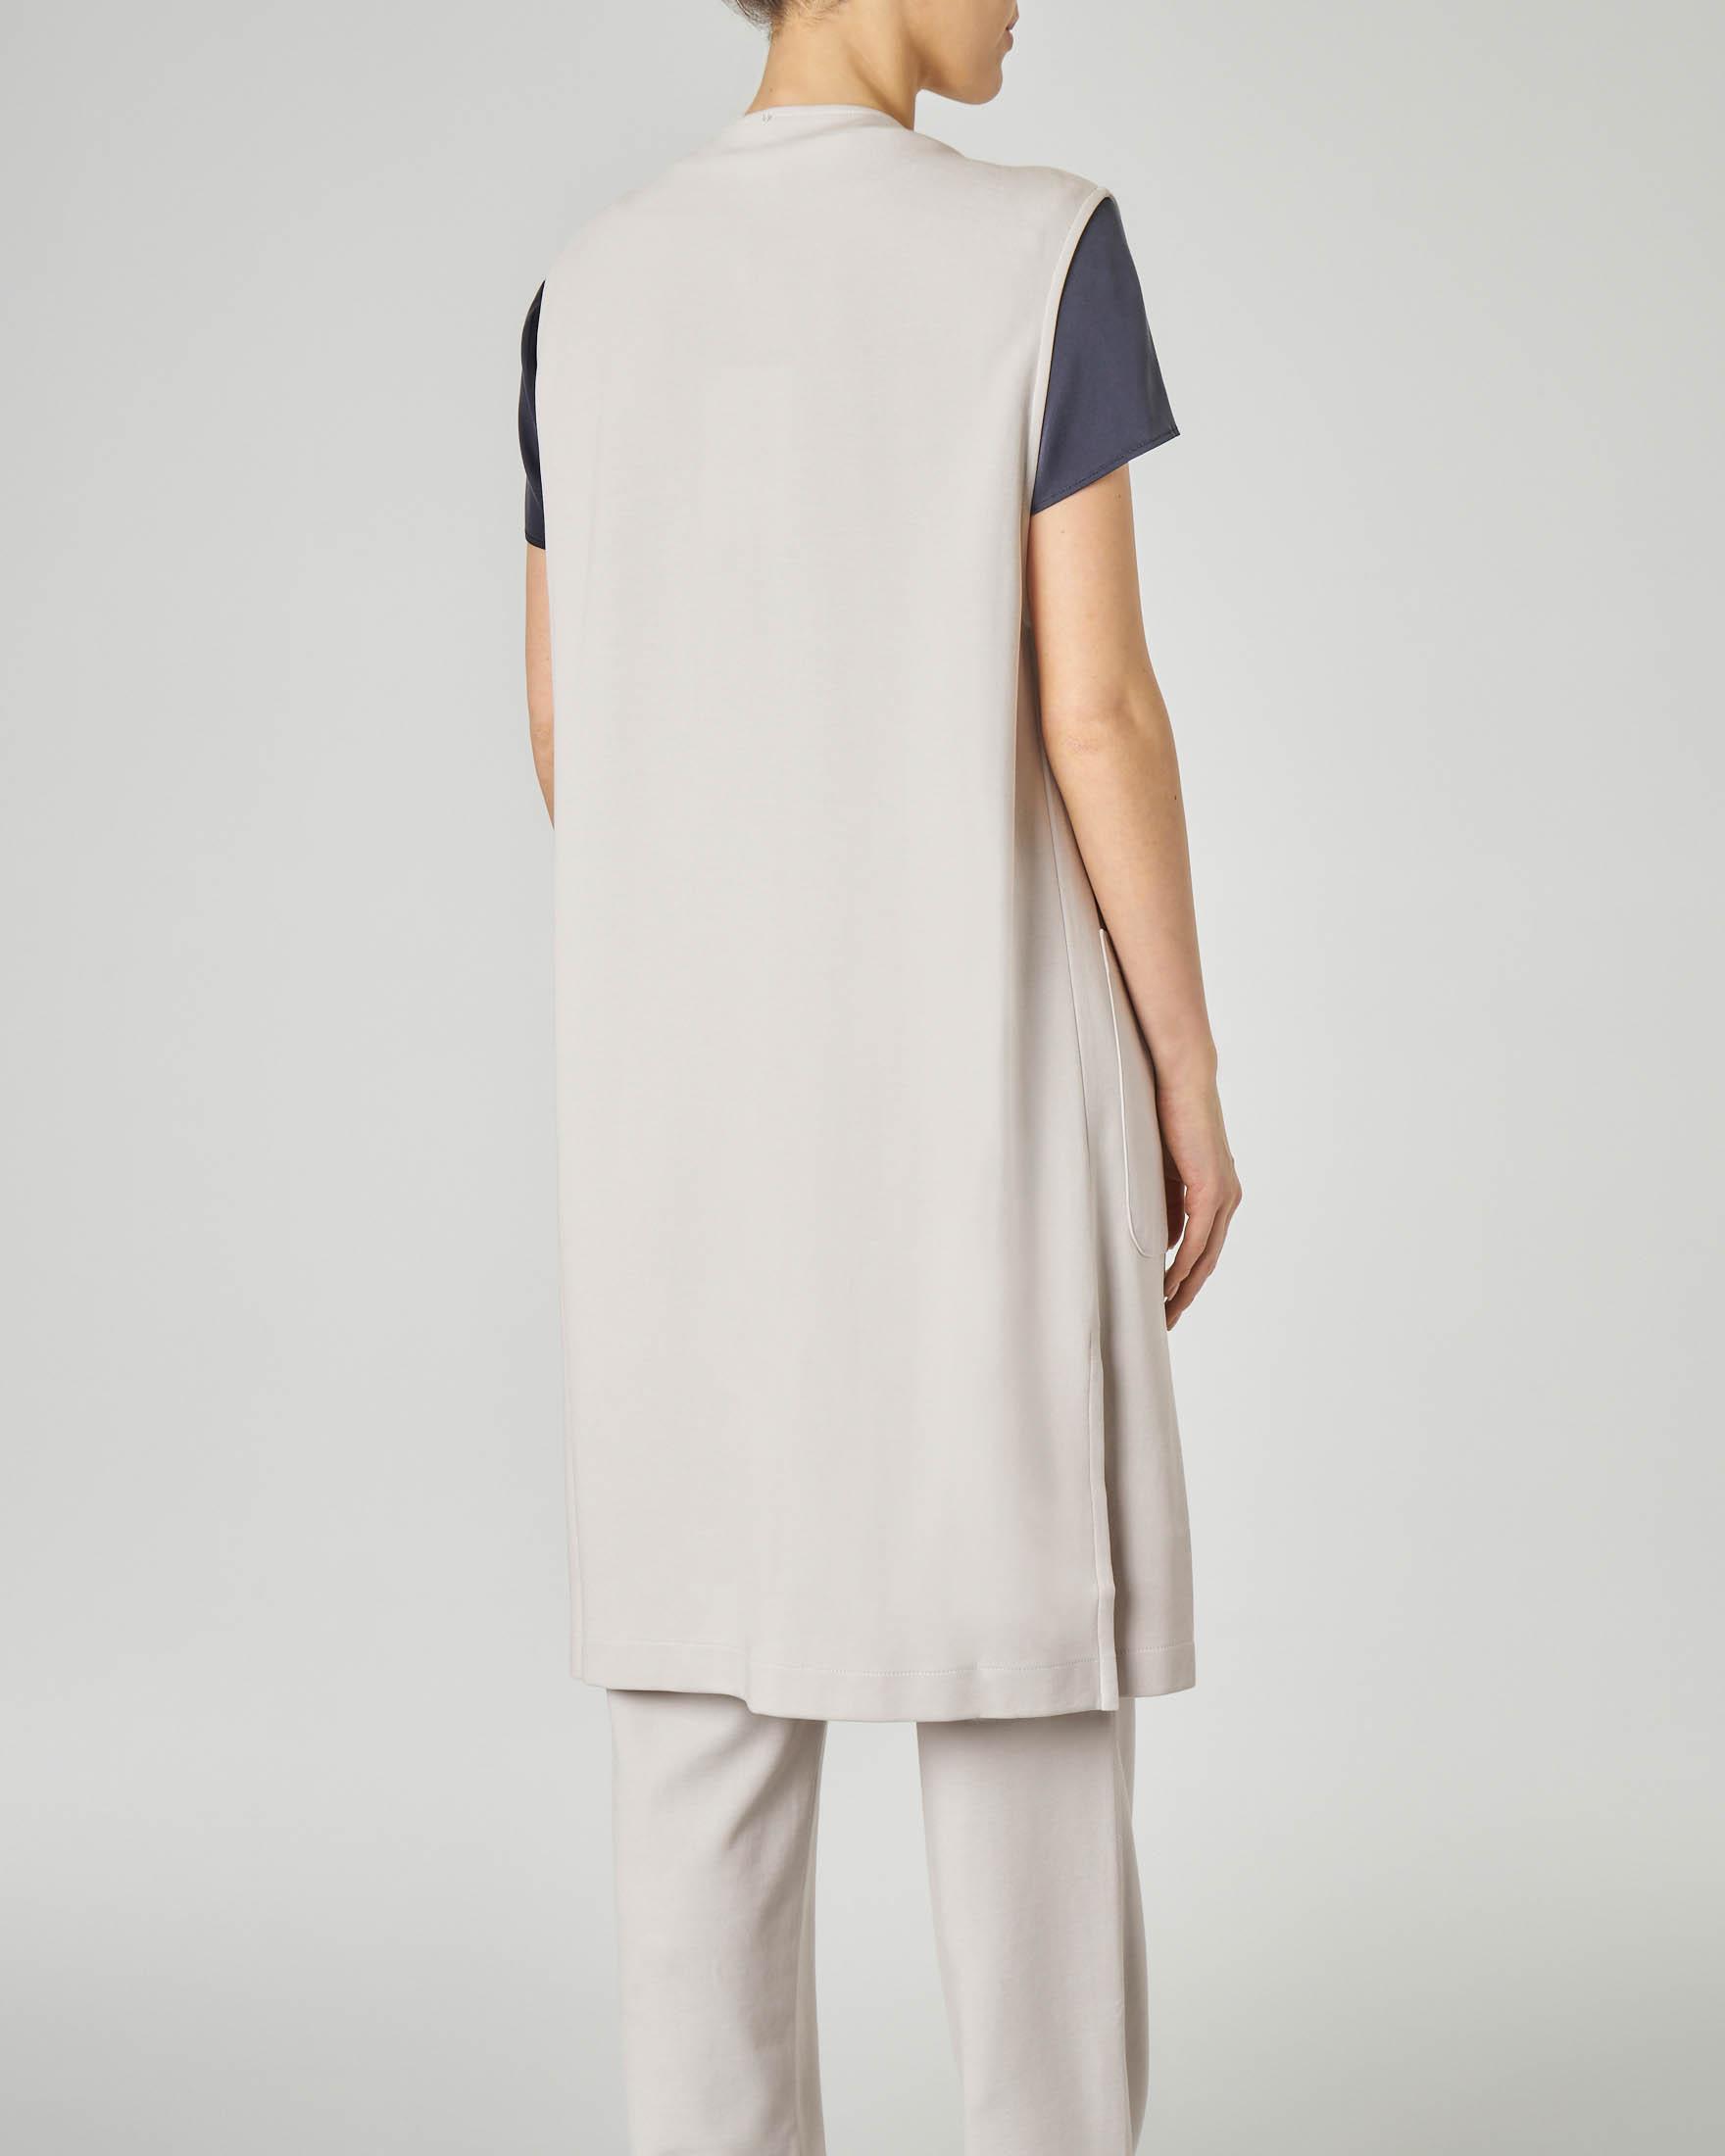 Gilet lungo senza bottoni in jersey di cotone color ghiaccio